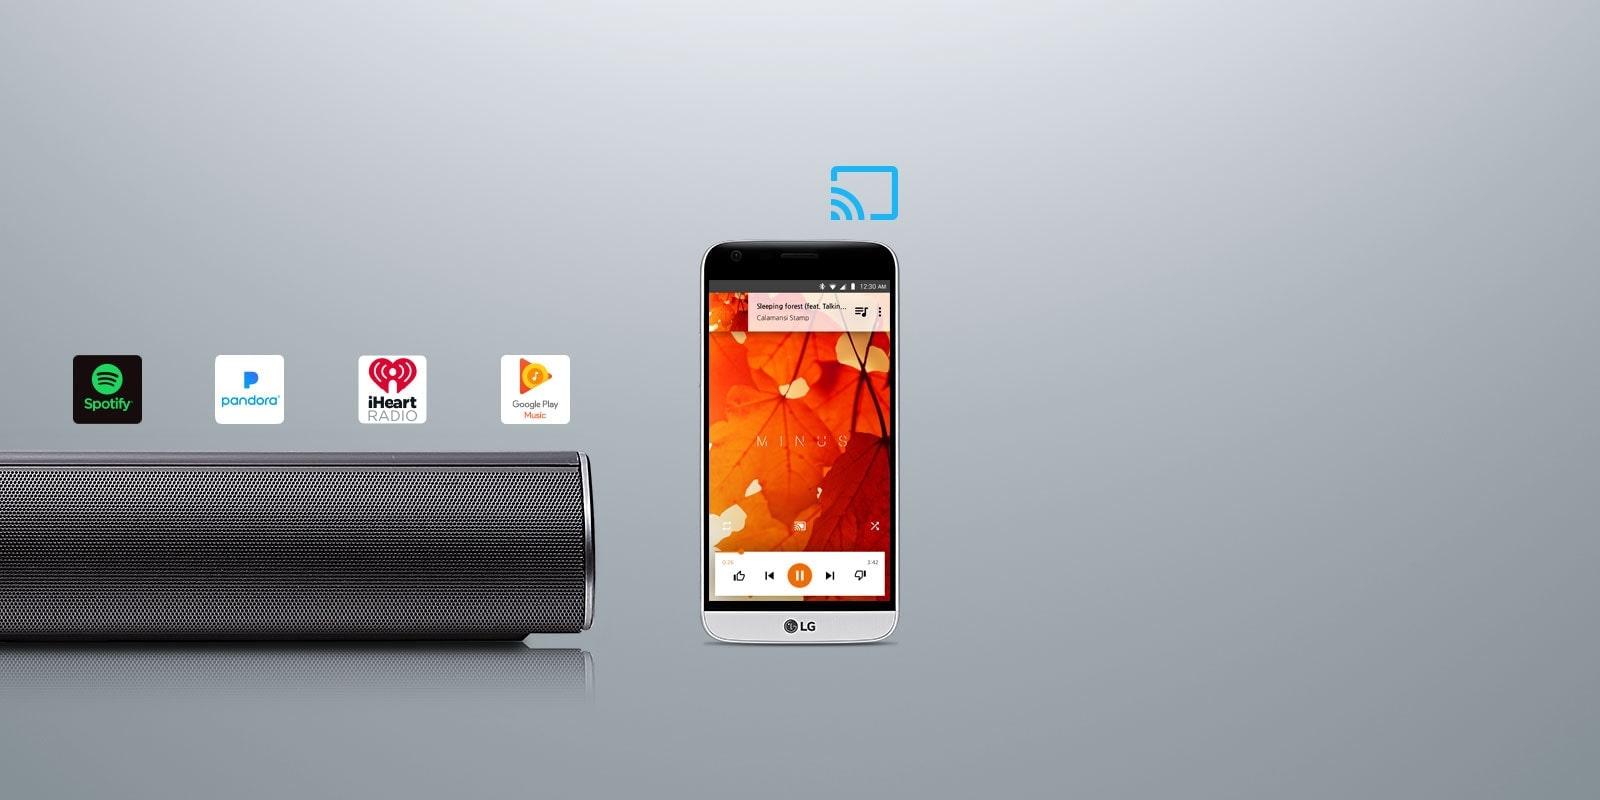 LG 2 1 ch High Resolution Audio Sound Bar | LG Canada